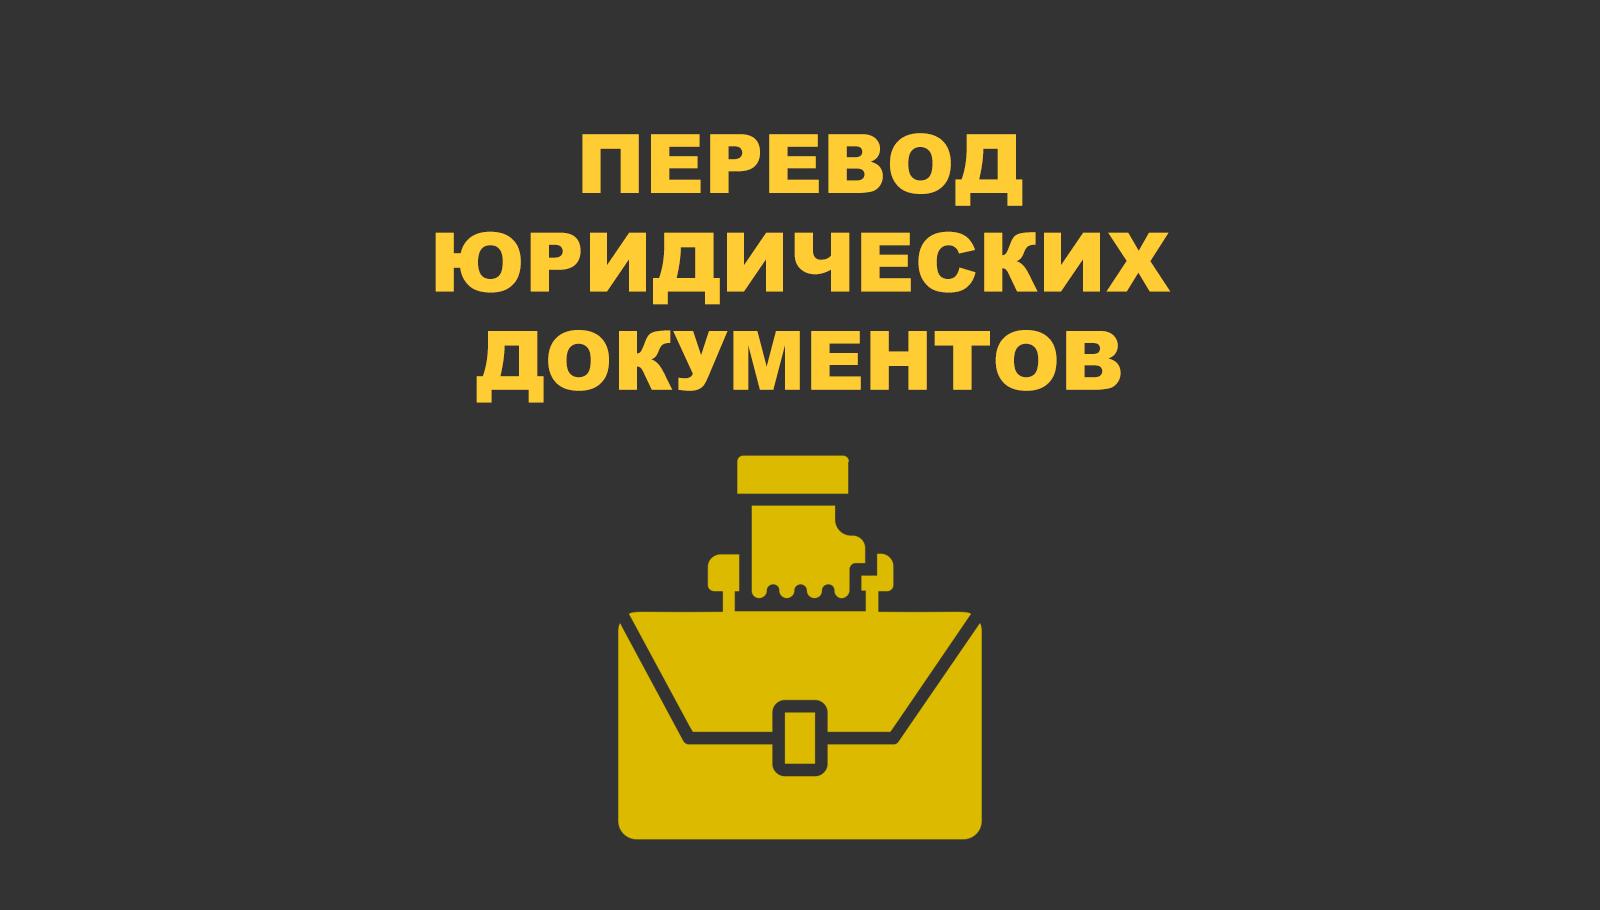 Перевод юридических документов